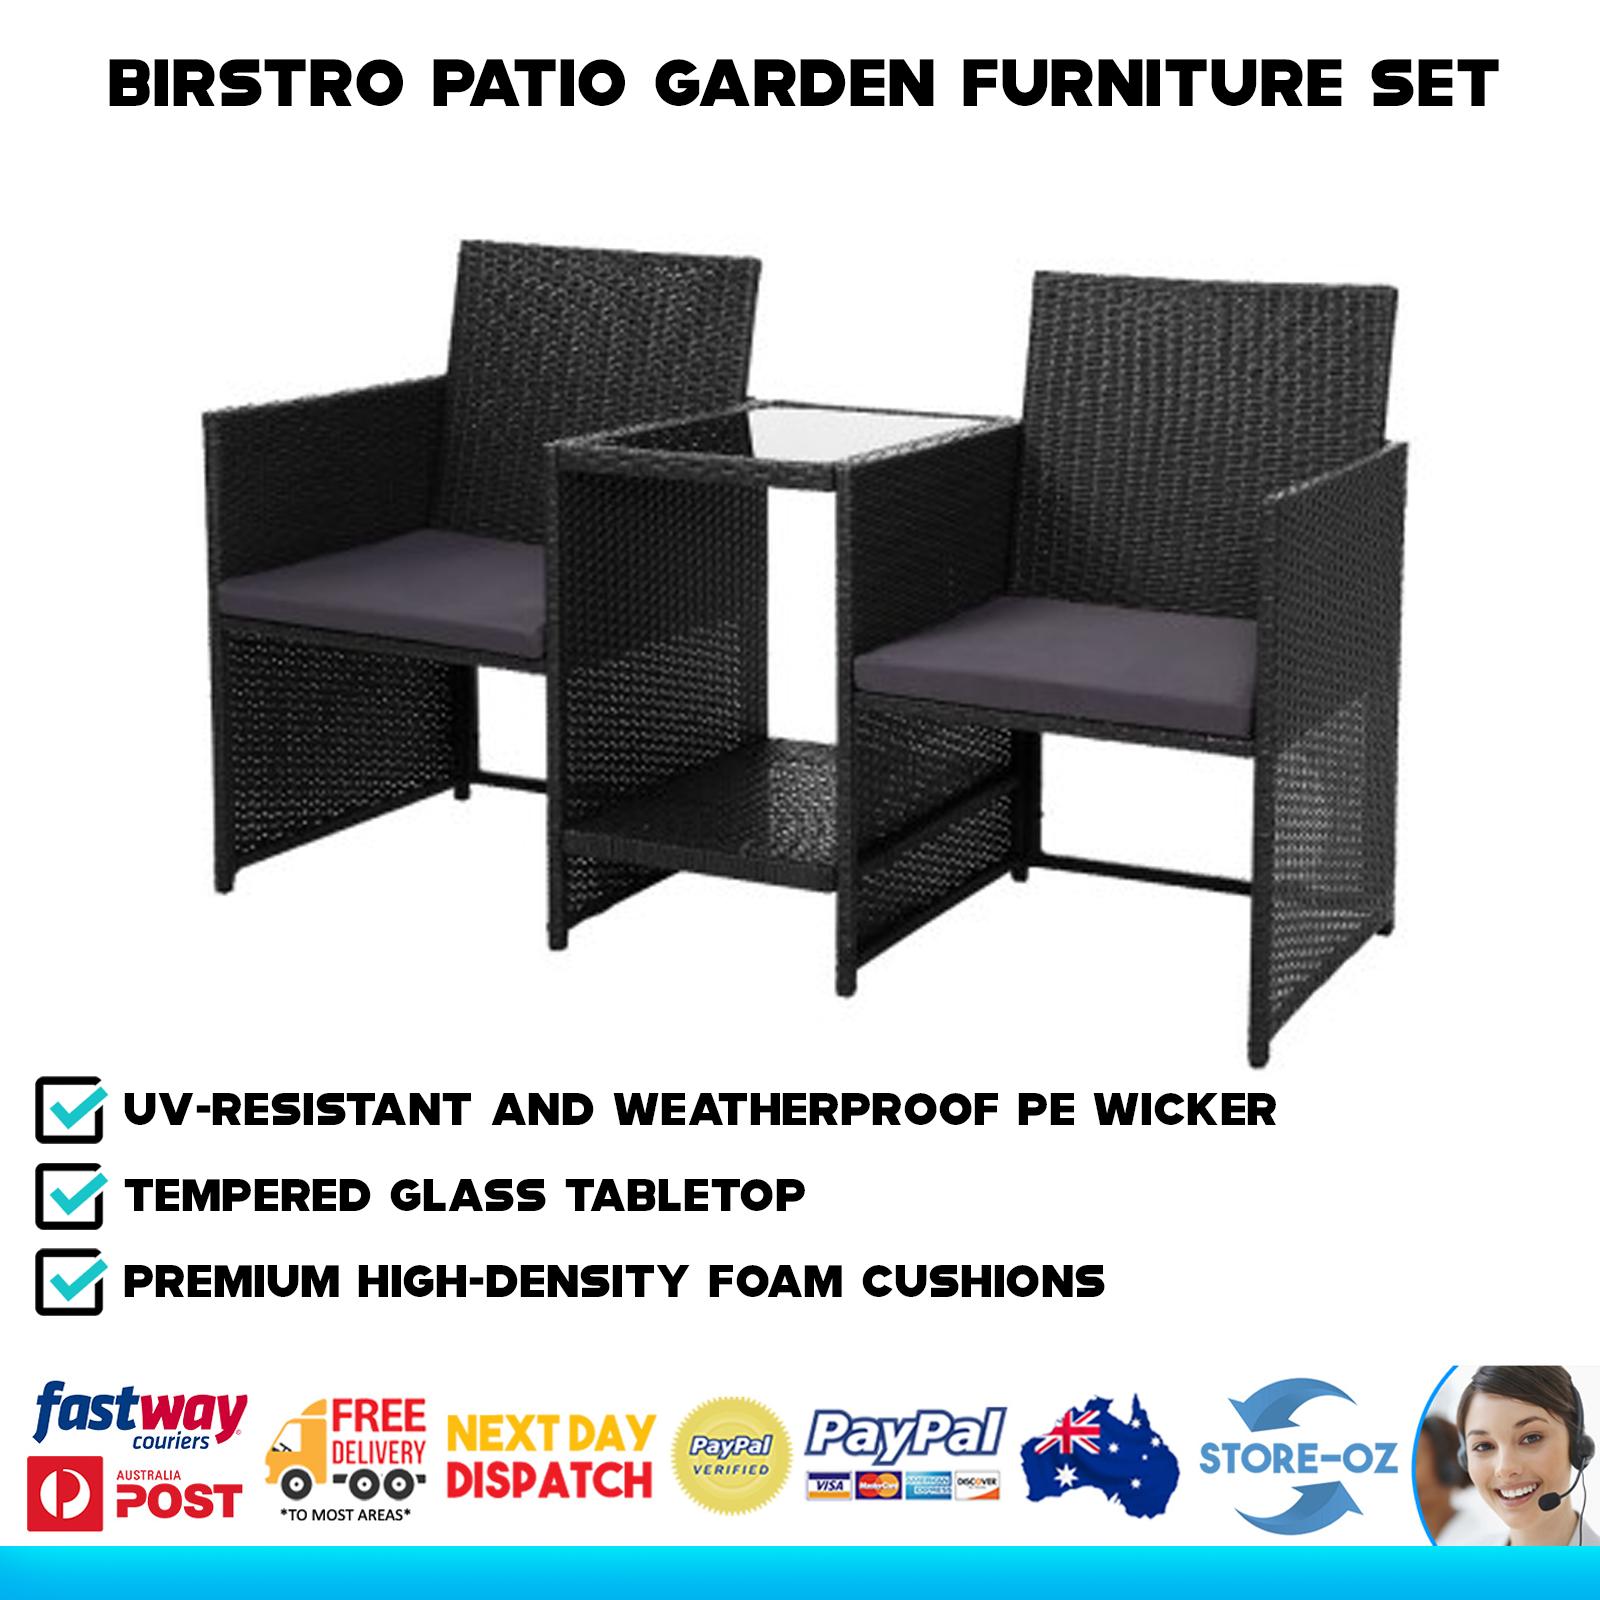 Garden Furniture -  Outdoor Furniture Chair Loveseat Birstro Set Garden Bench Seat Table 2 Seater